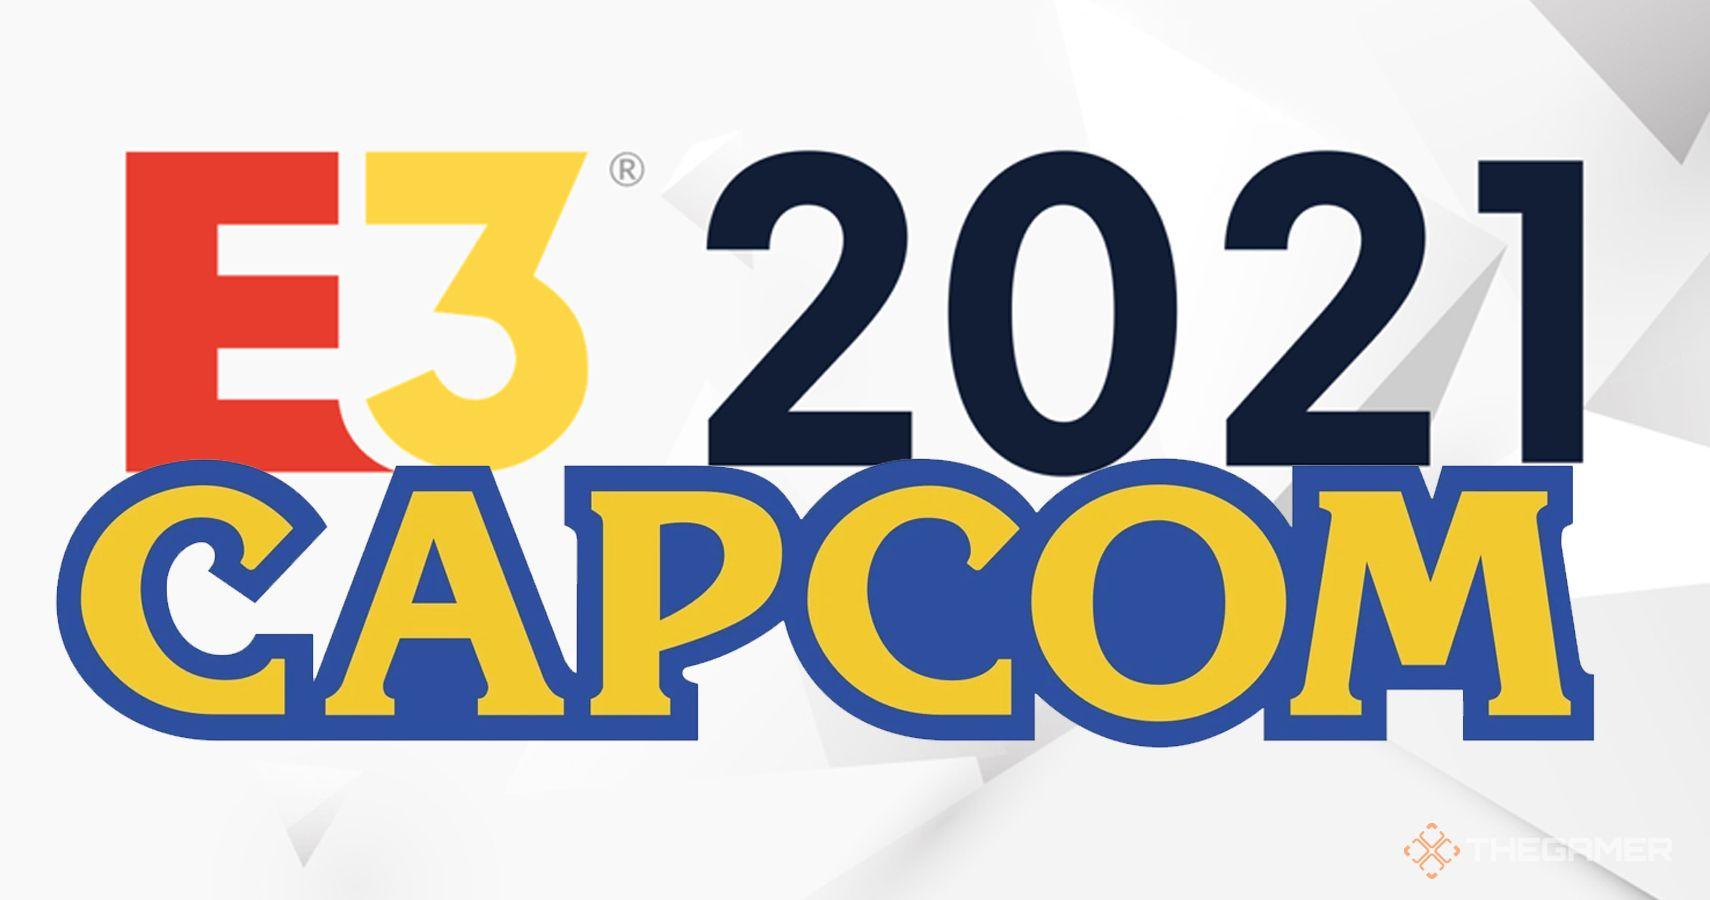 Capcom E3 Stream: Watch It Live Here